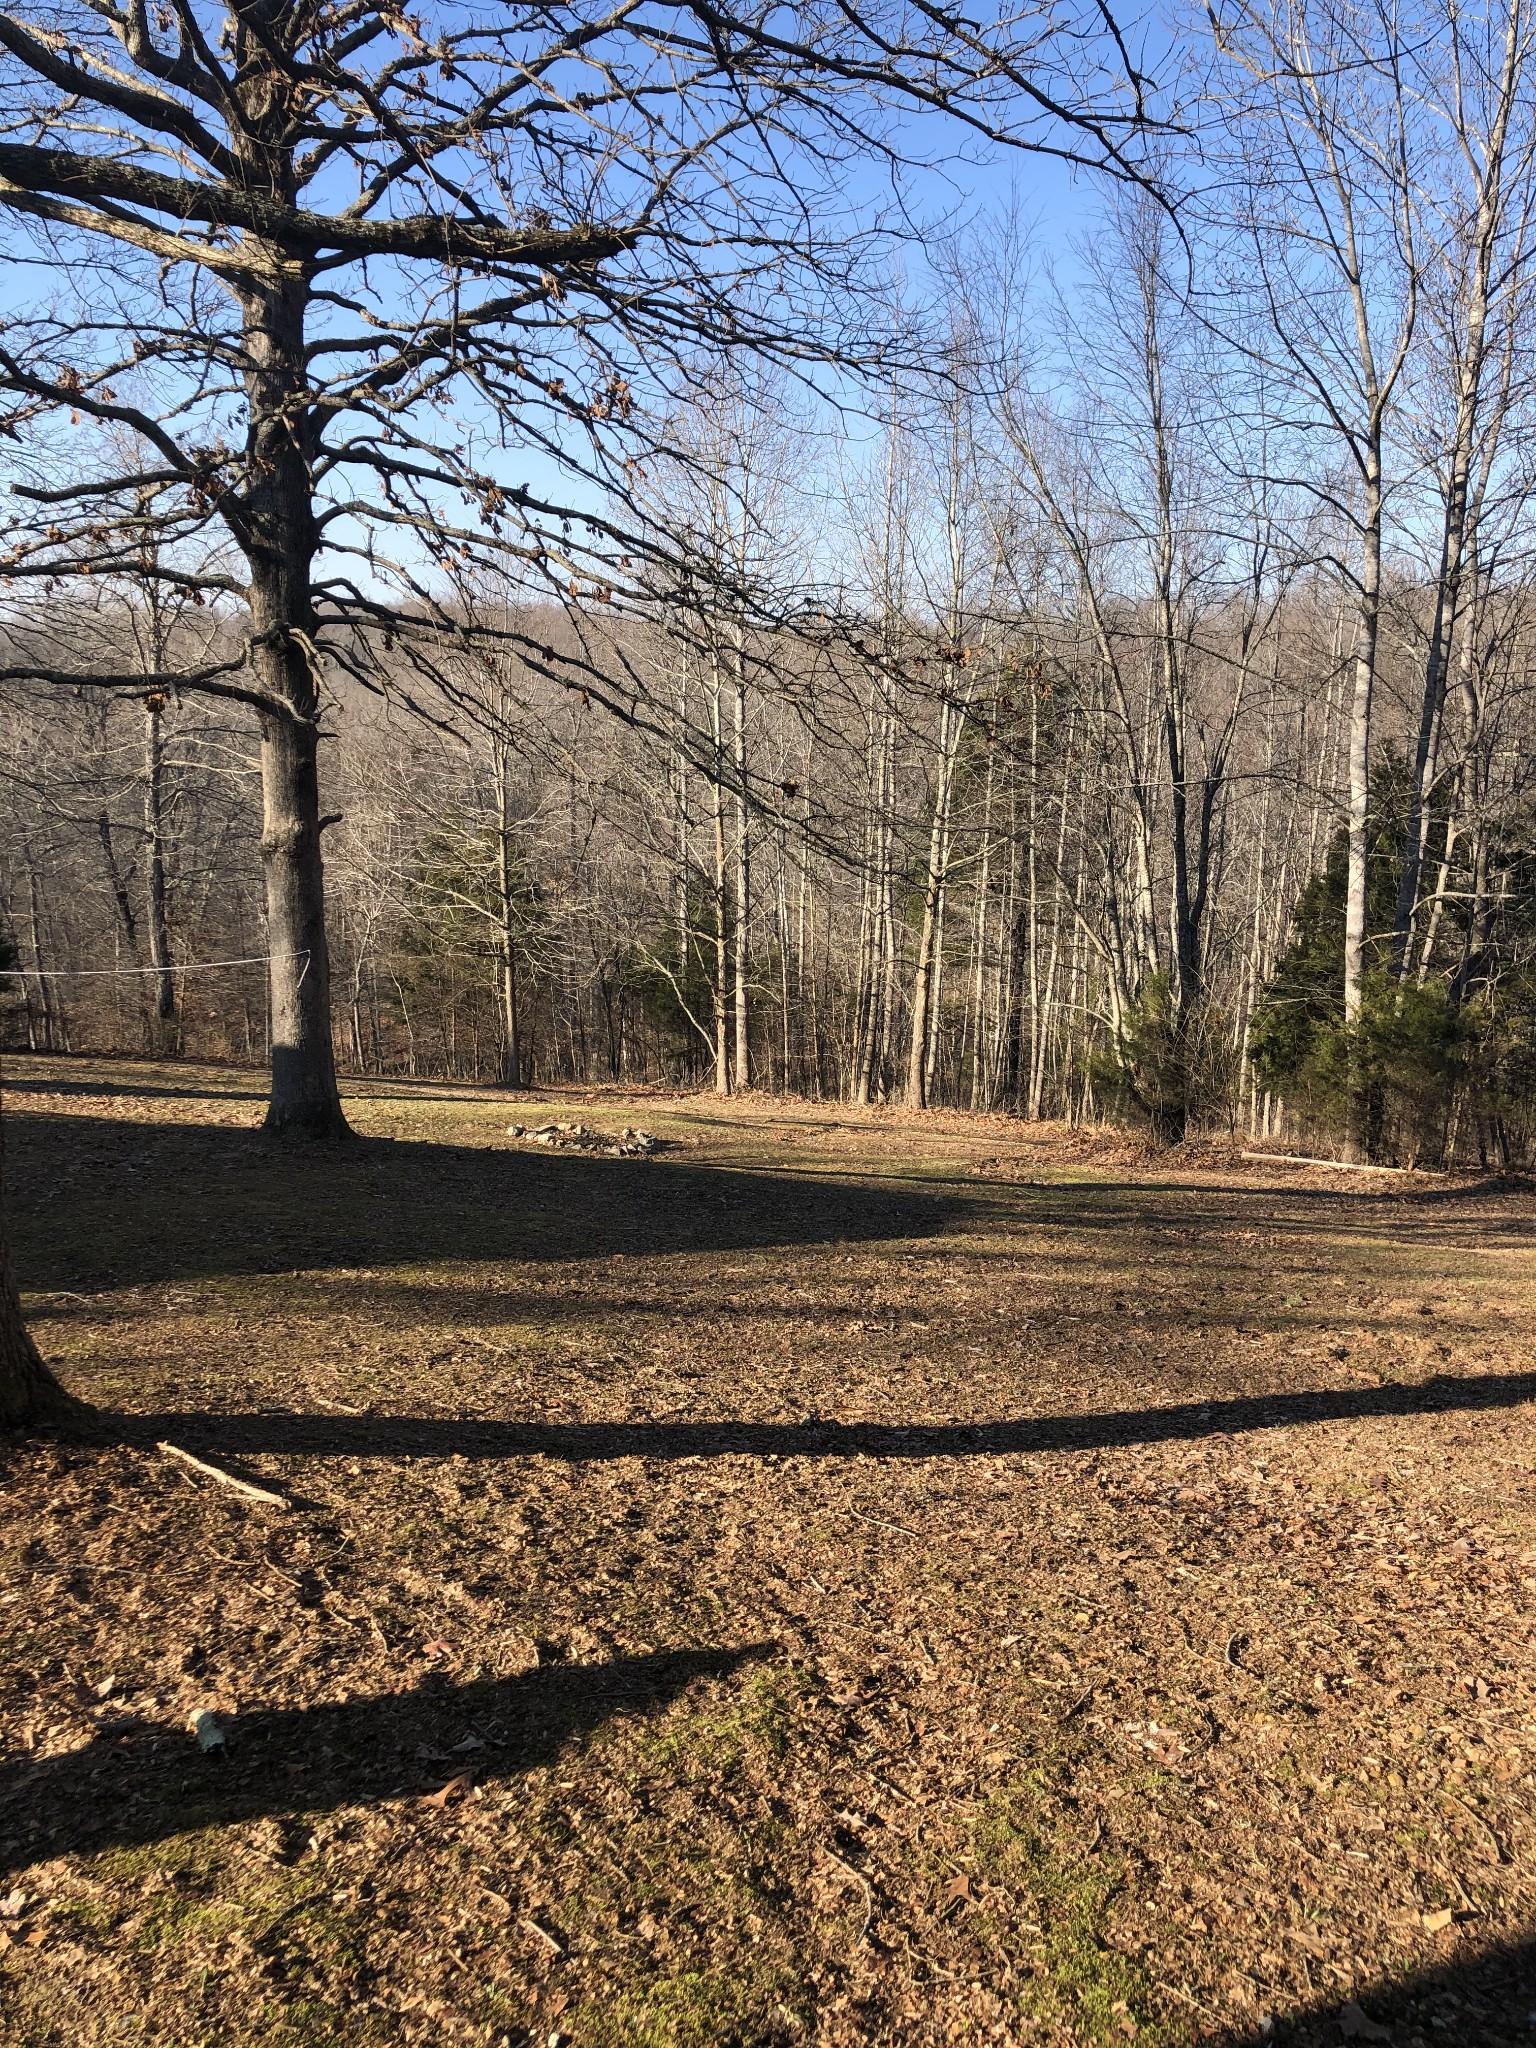 925 Smith Pl, Cunningham, TN 37052 - Cunningham, TN real estate listing